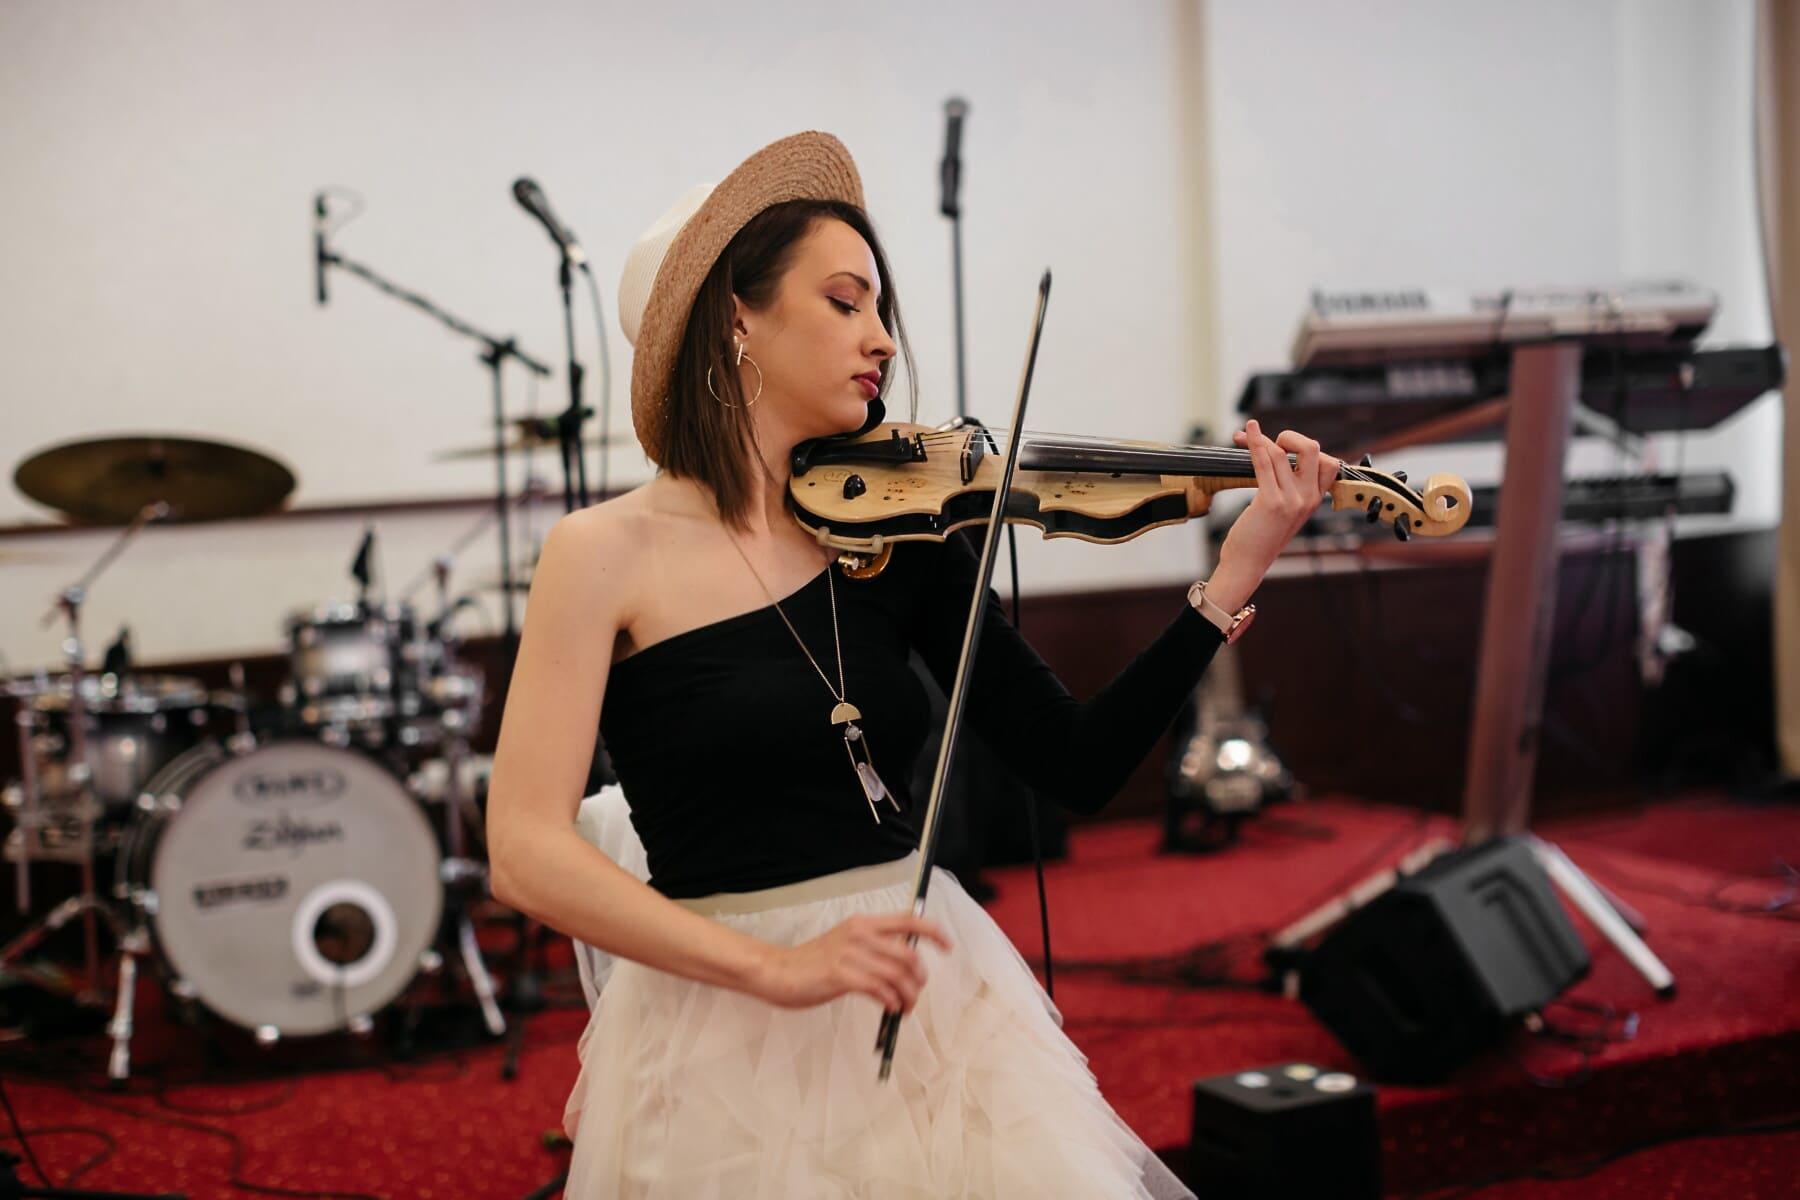 musique, Brunette, Orchestre, Jolie fille, concert, électrique, violon, musicien, performances, femme